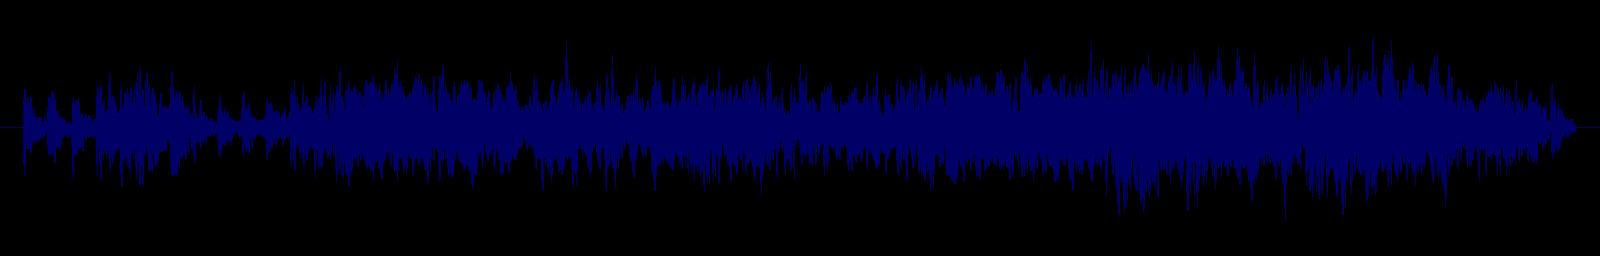 waveform of track #126741